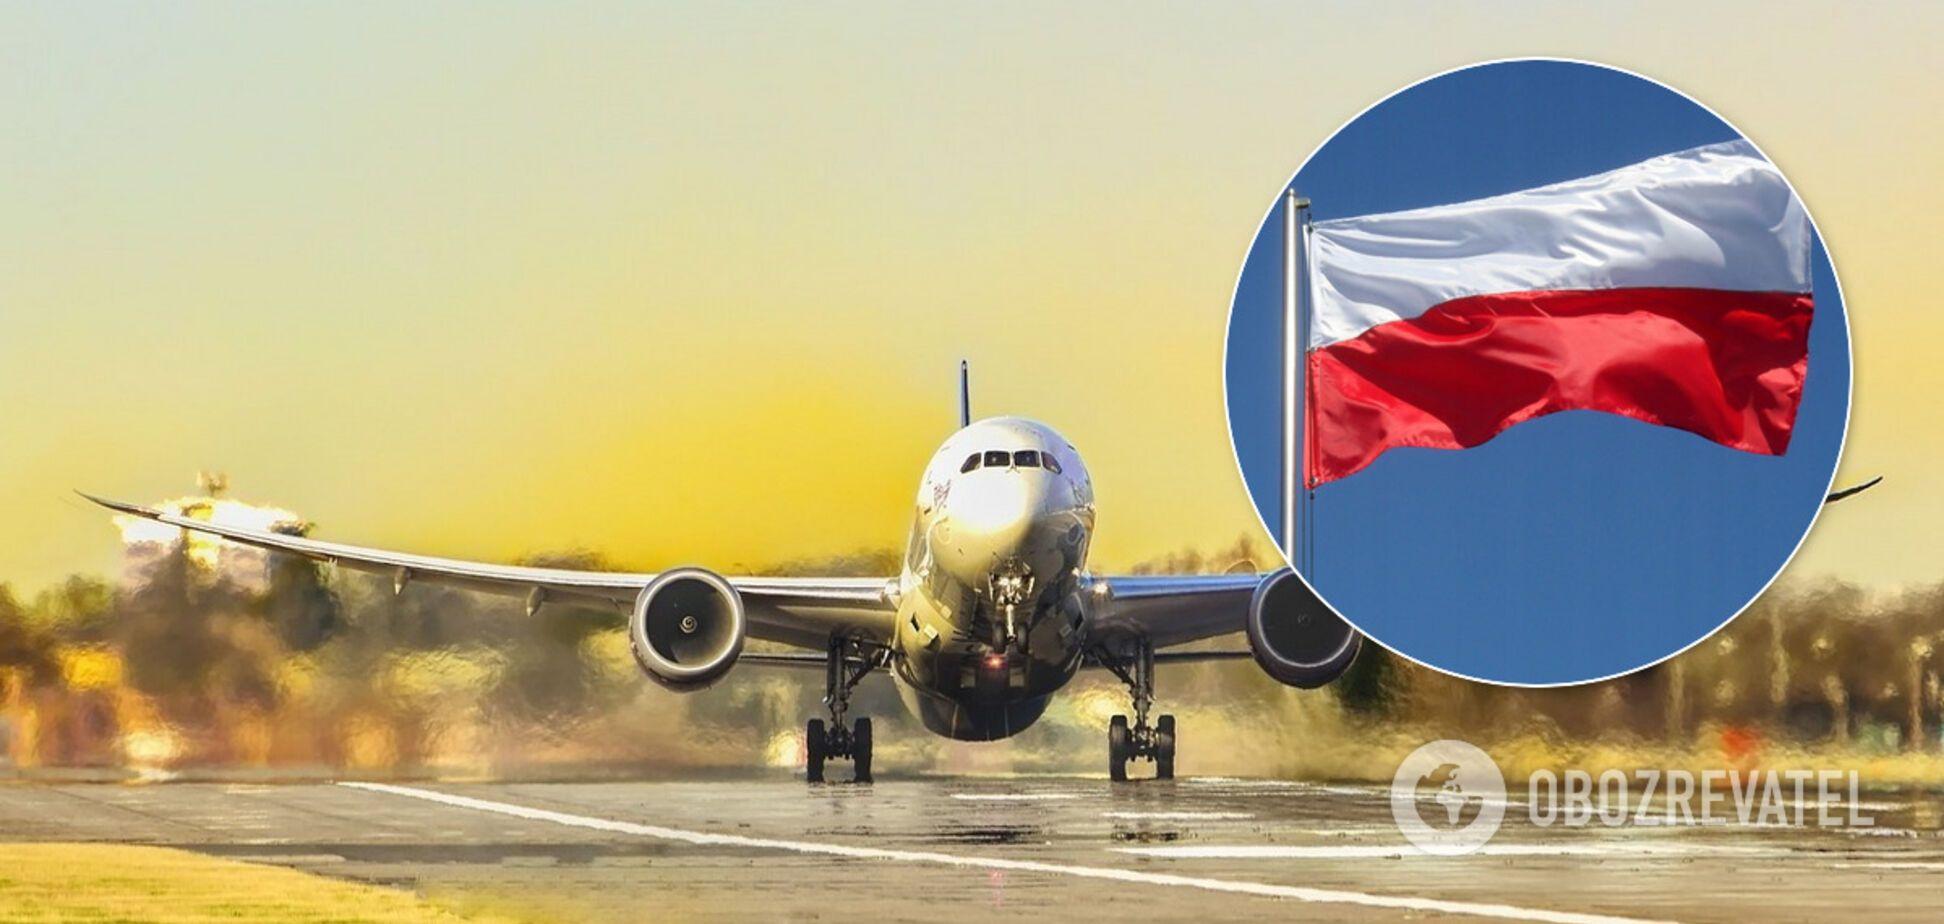 Польша запретила пассажирские авиаперевозки: Украина в списке